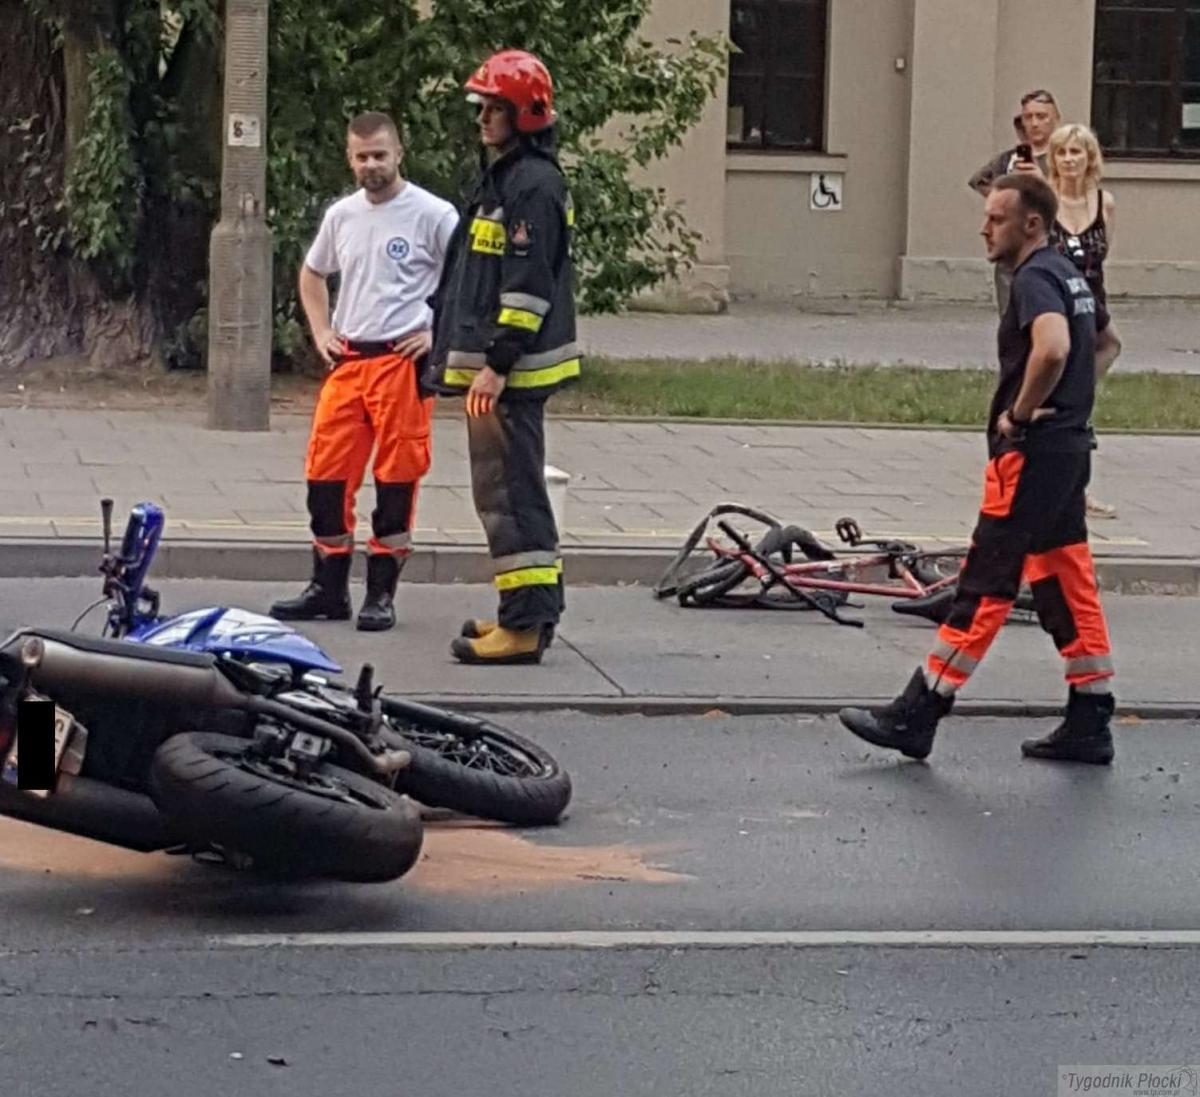 Wypadki drogowe, Pijany rowerzysta wpadł motocykl (AKTUALIZACJA) - zdjęcie, fotografia